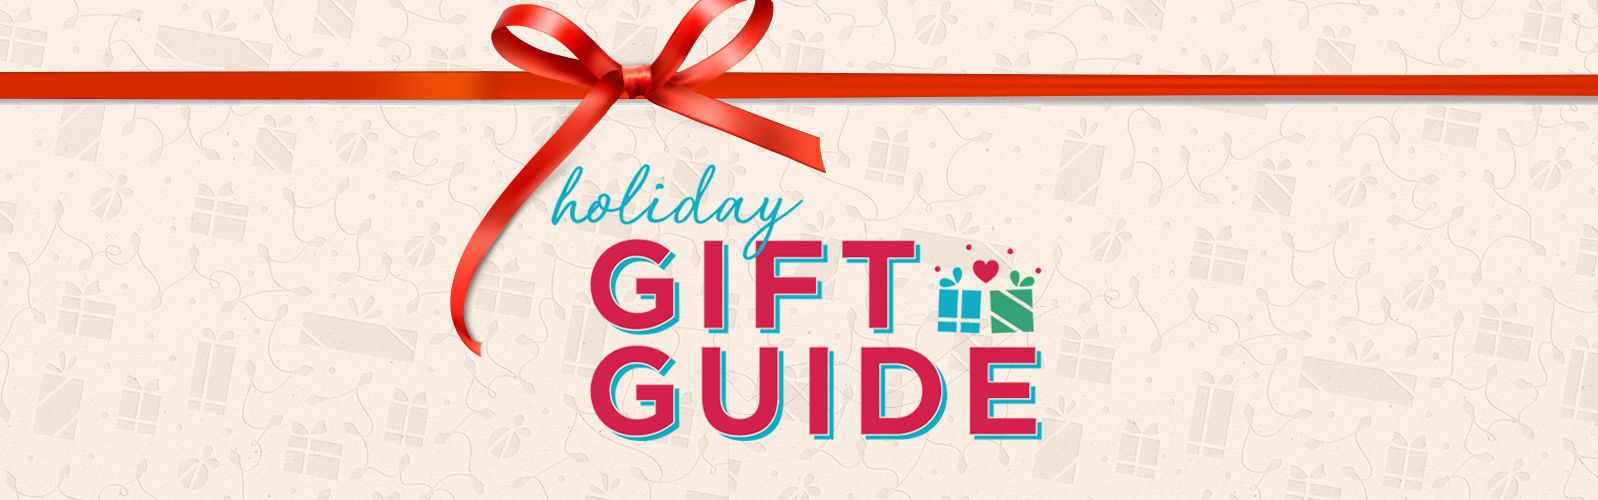 Gift giving guide christmas 2019 gift